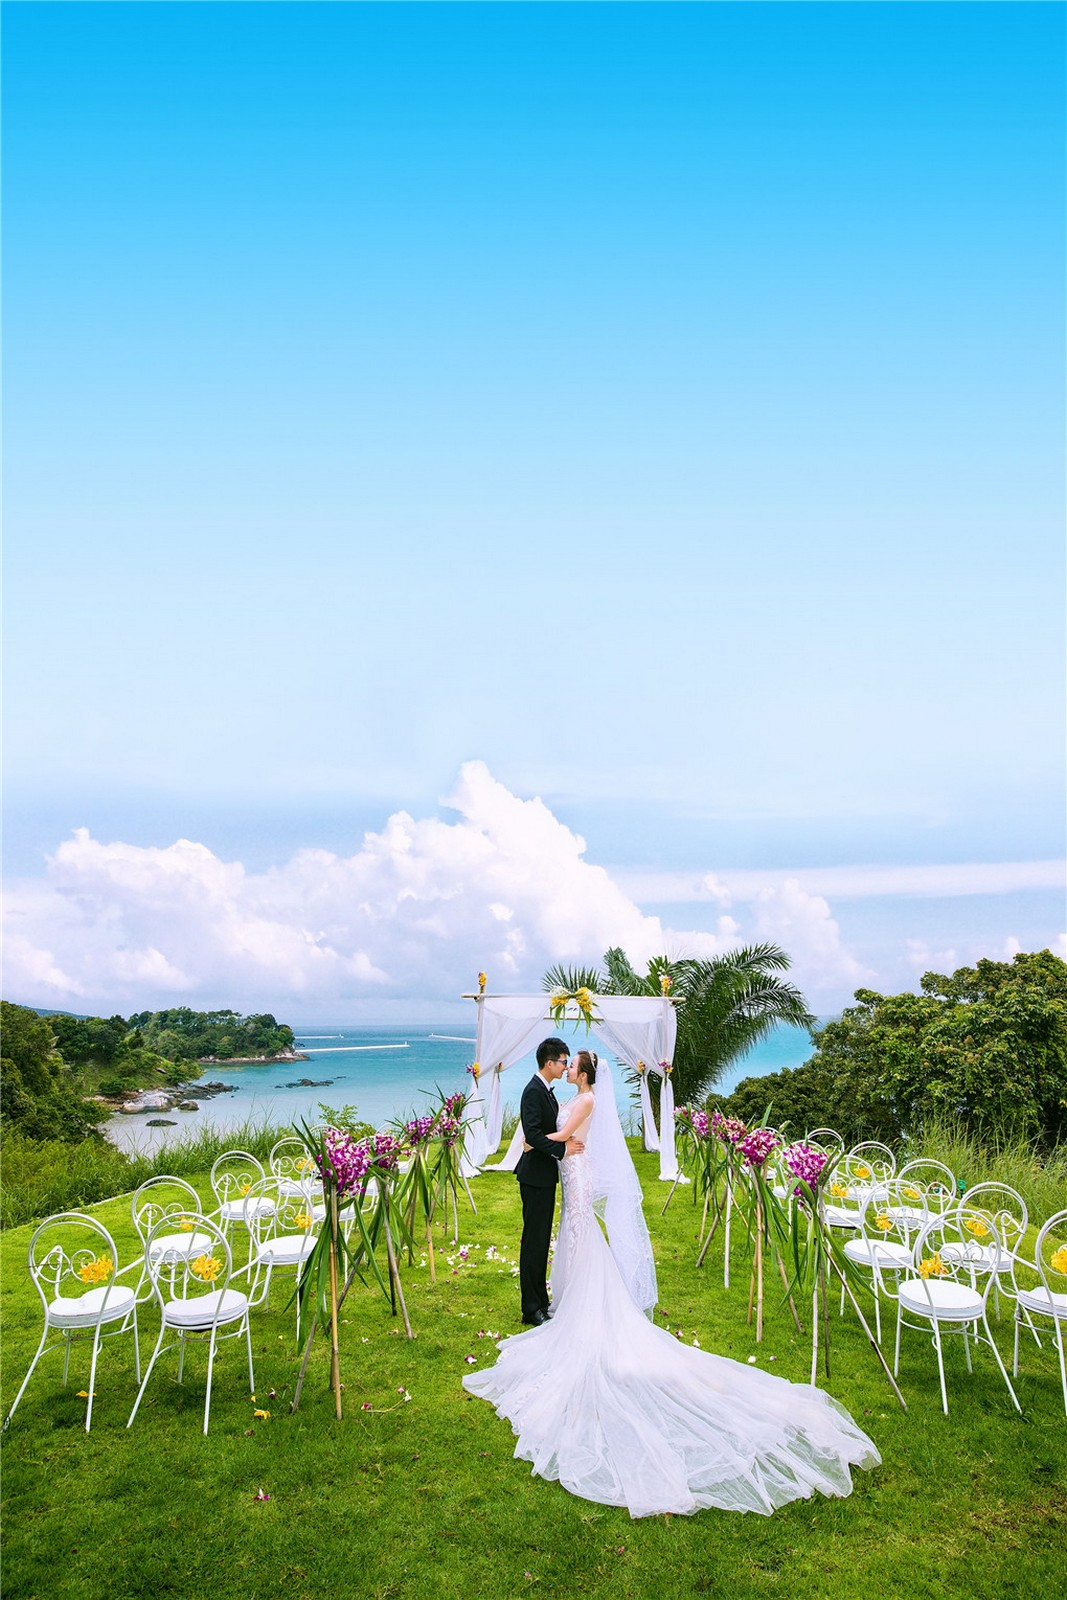 海外婚紗,普吉島拍婚紗,海外婚紗推薦,海外婚紗2020